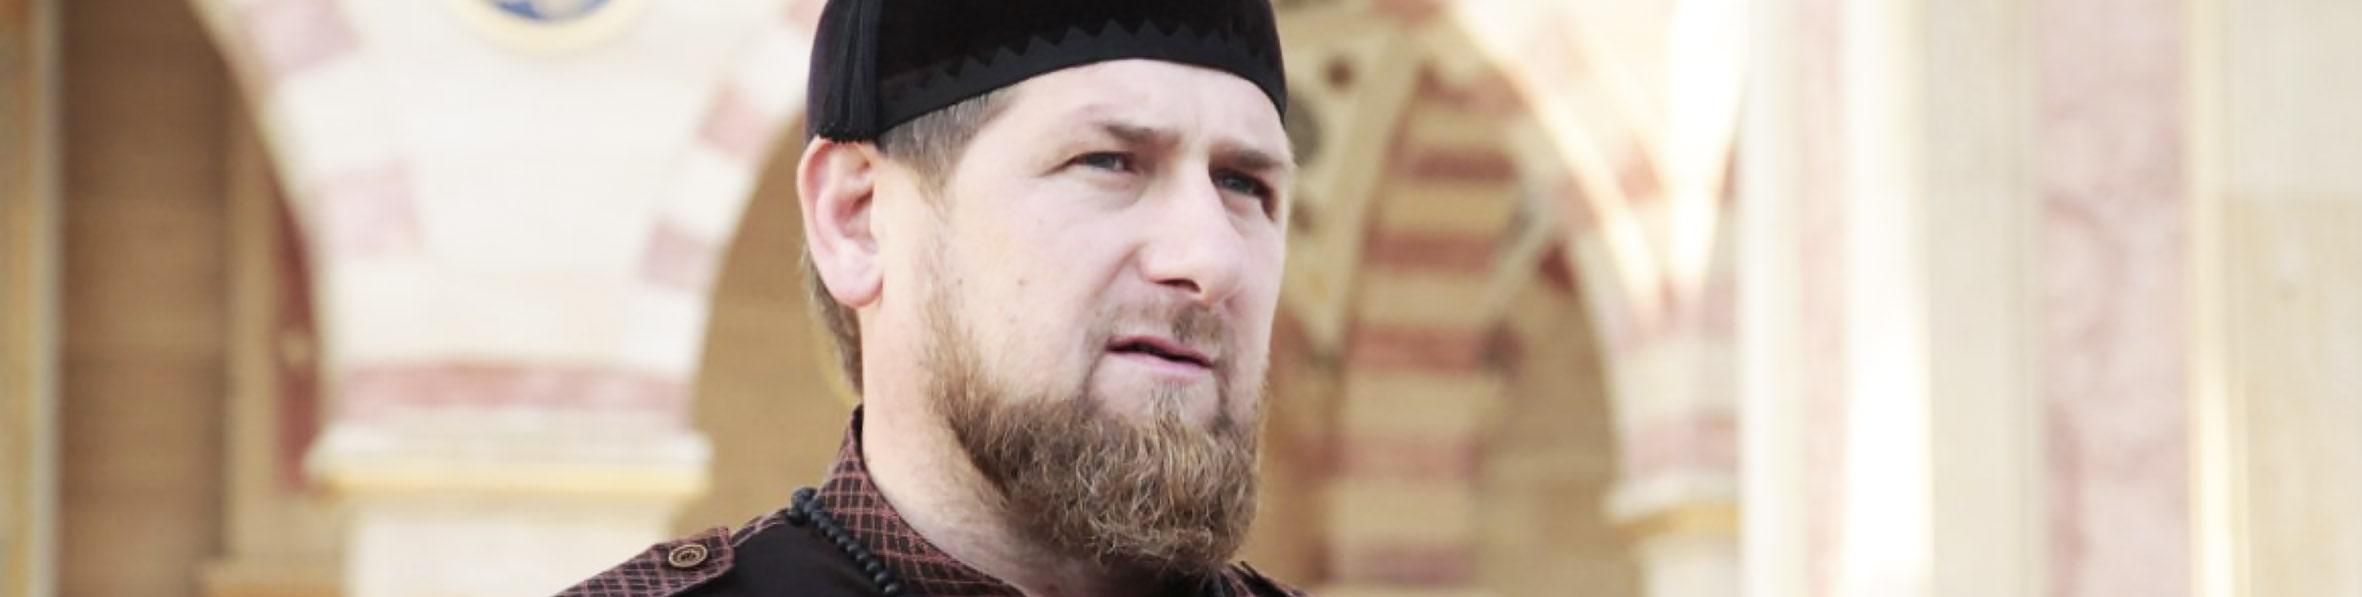 Реклама на телевидении в Чечне реклама